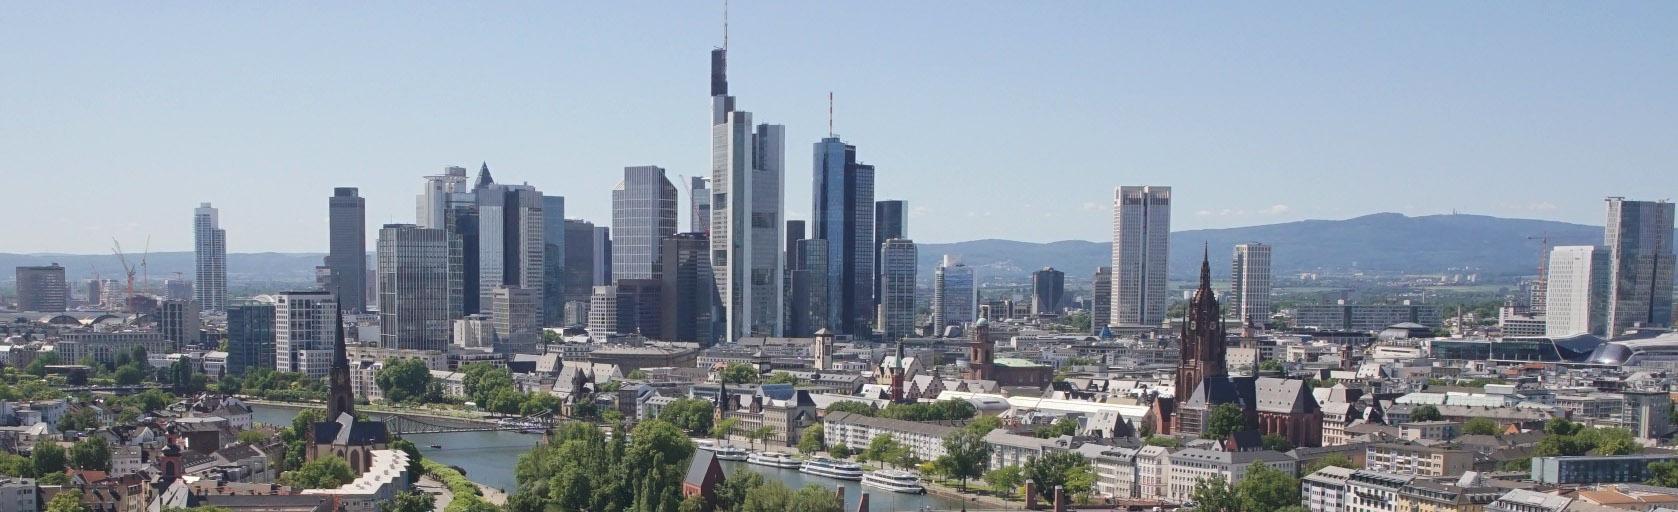 Hochhäuser in Frankfurt – Skyline Frankfurt